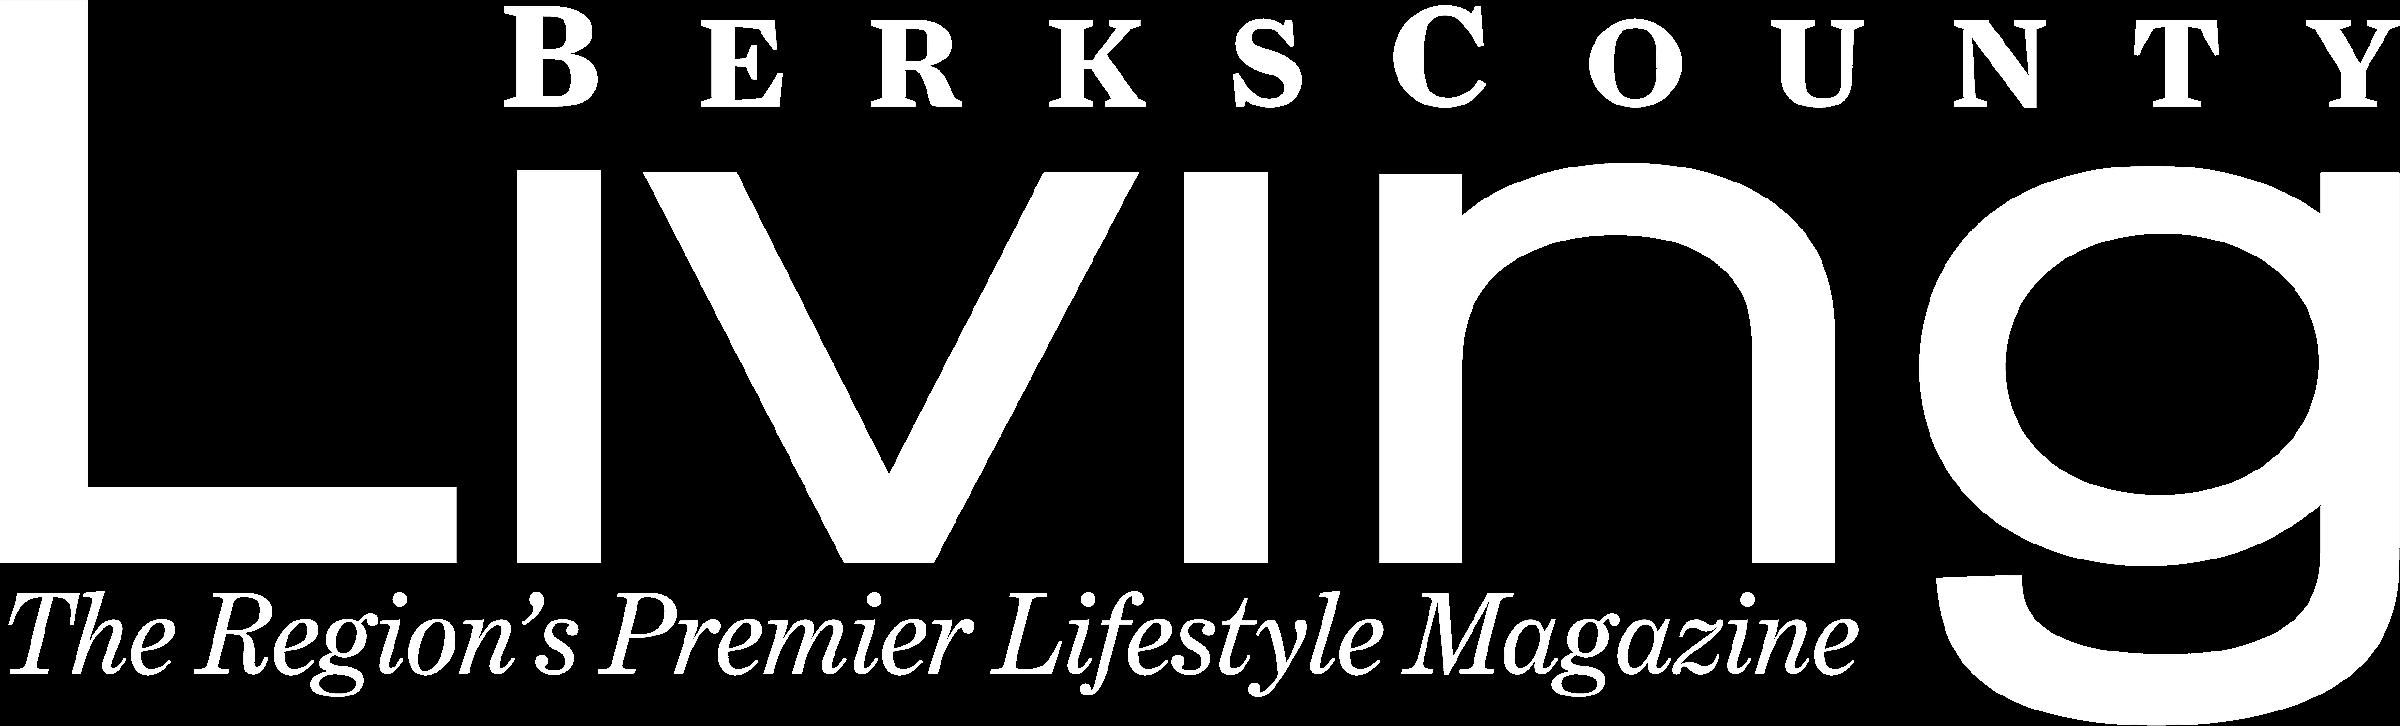 berks county living logo